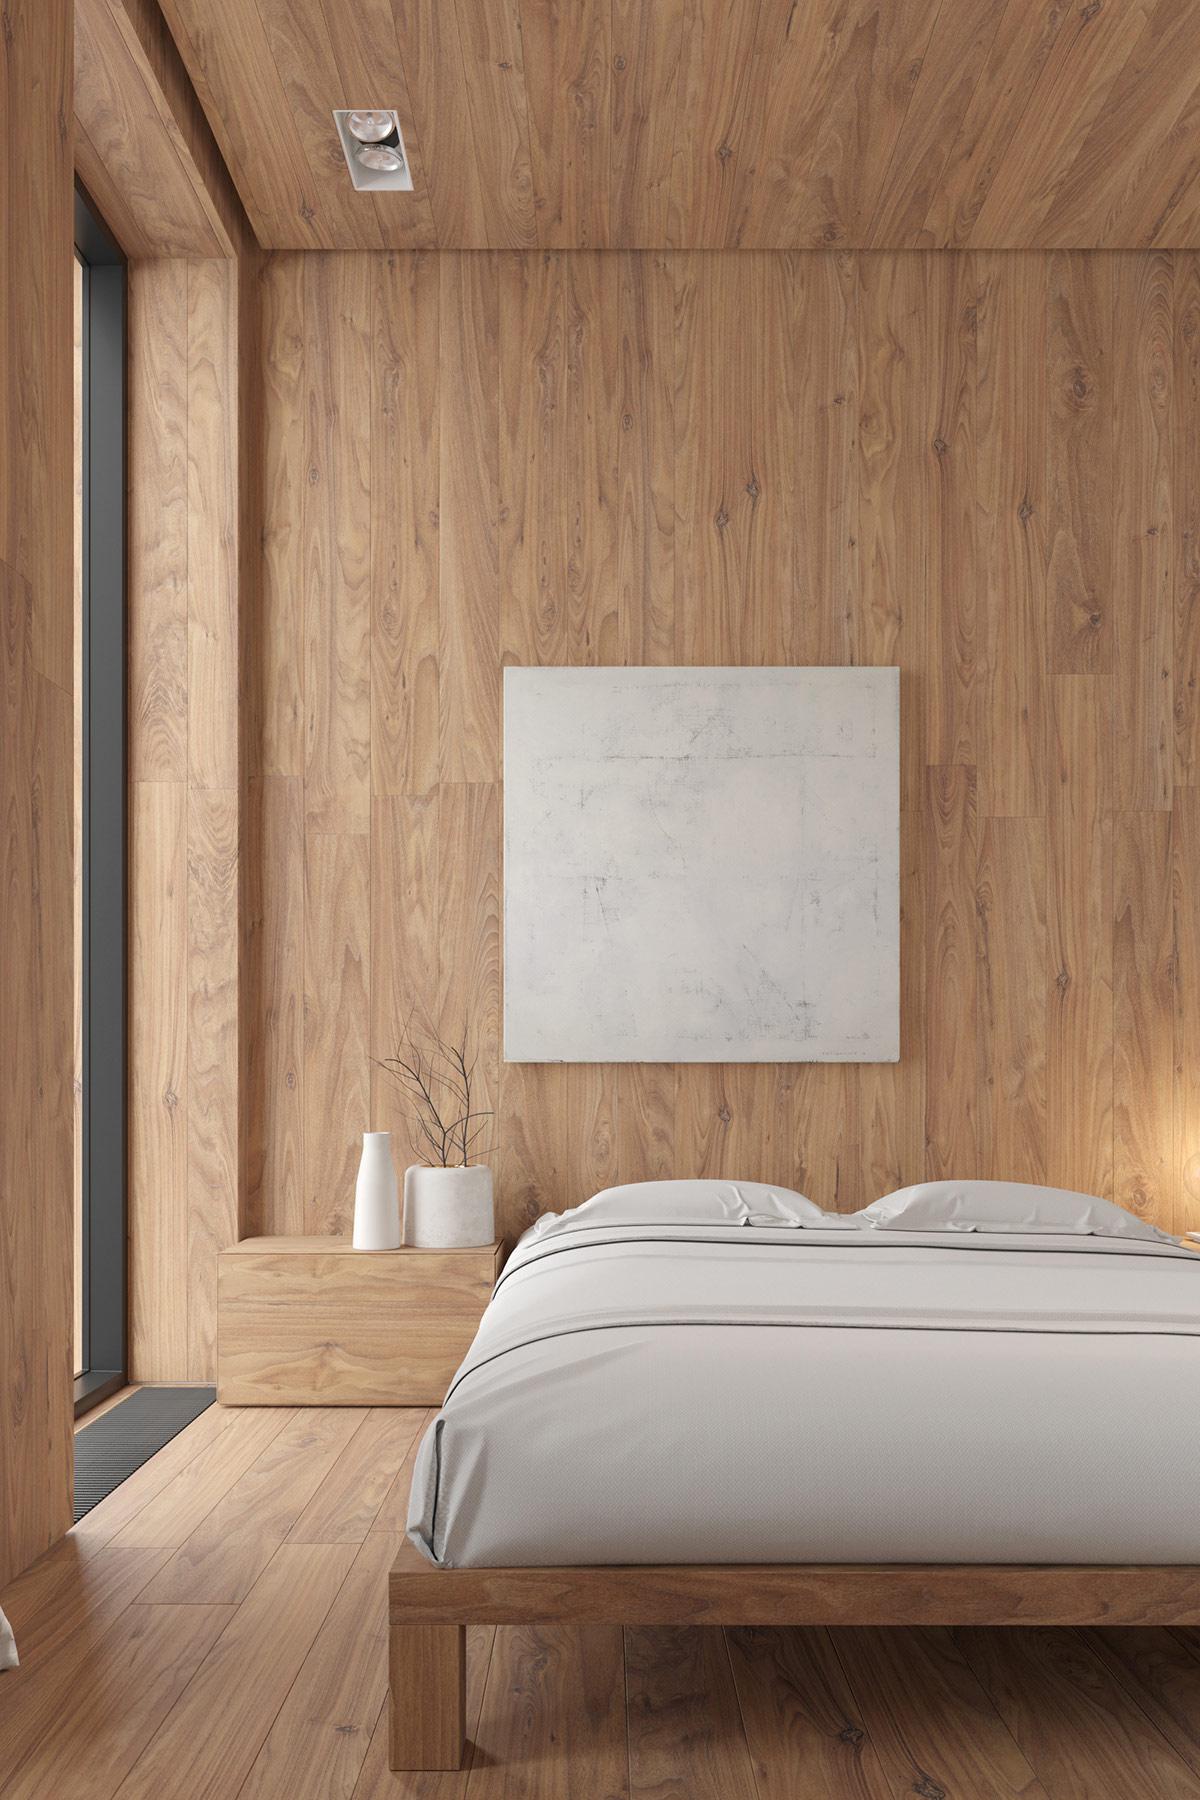 wood-wall-bedroom